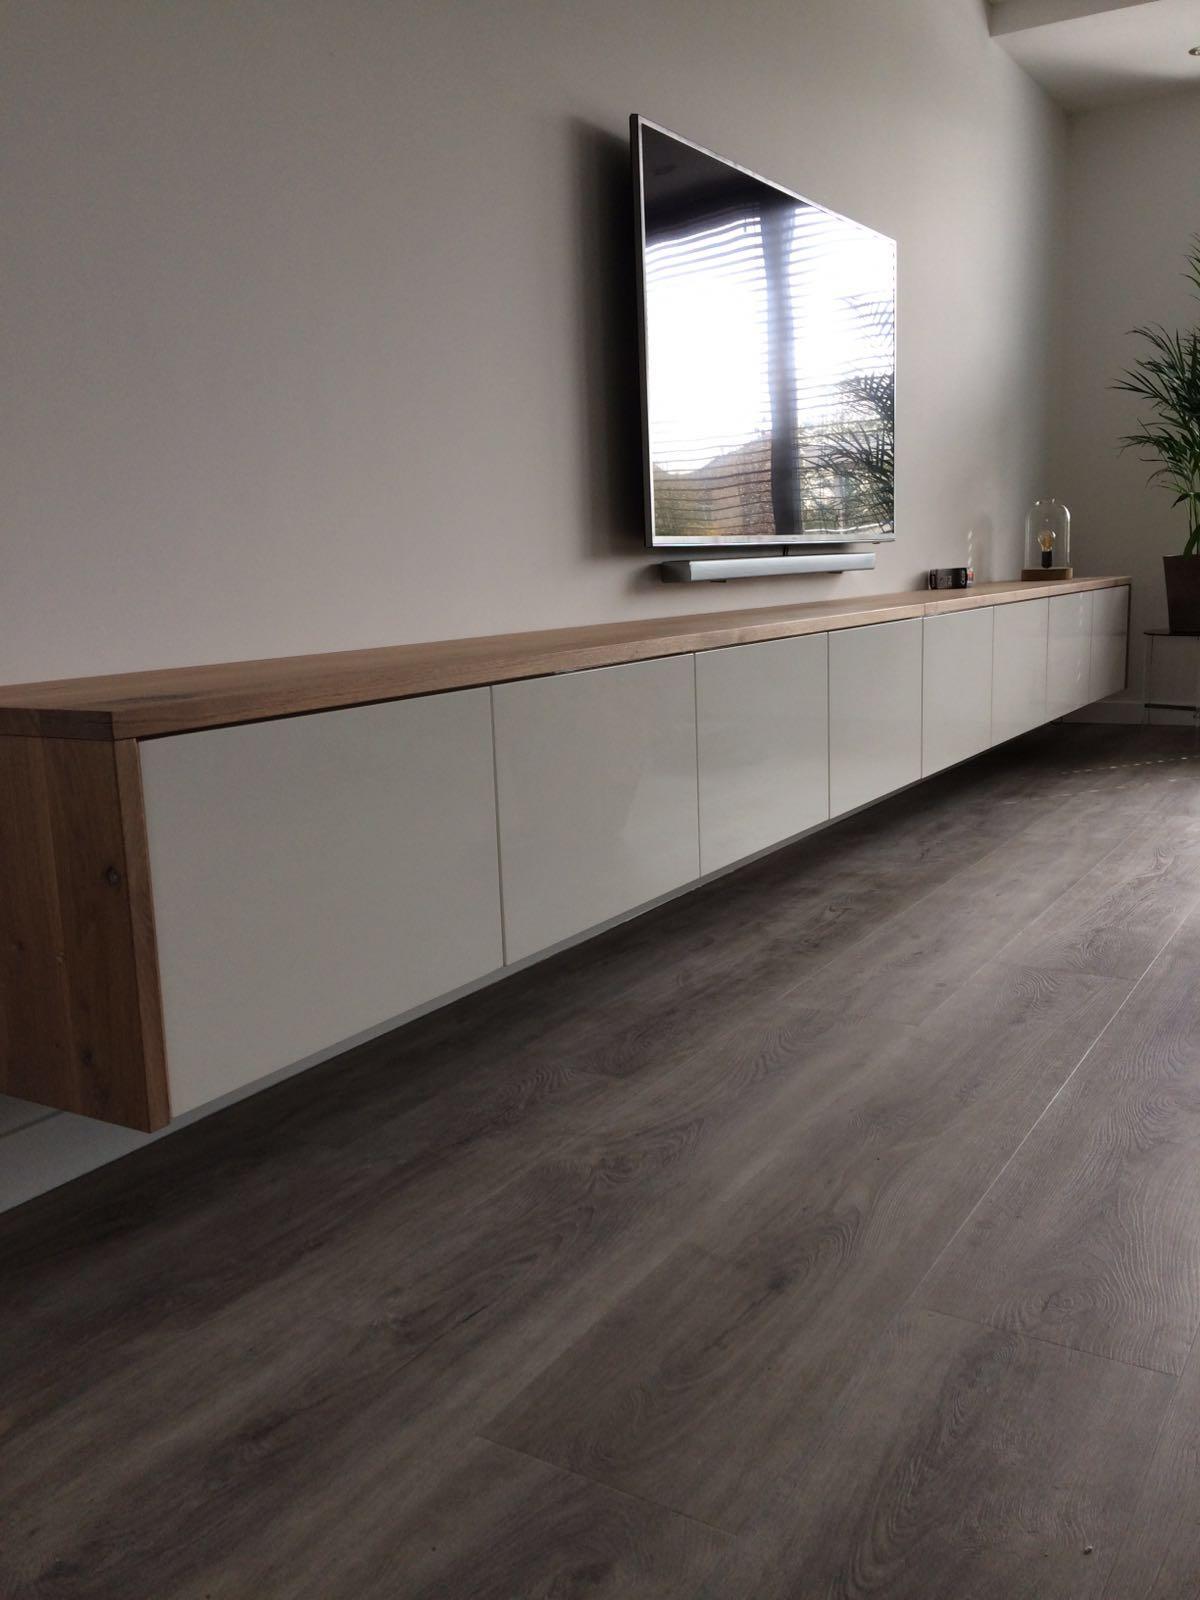 Zwevend tv meubel p j van der vegt for Tv meubel design outlet